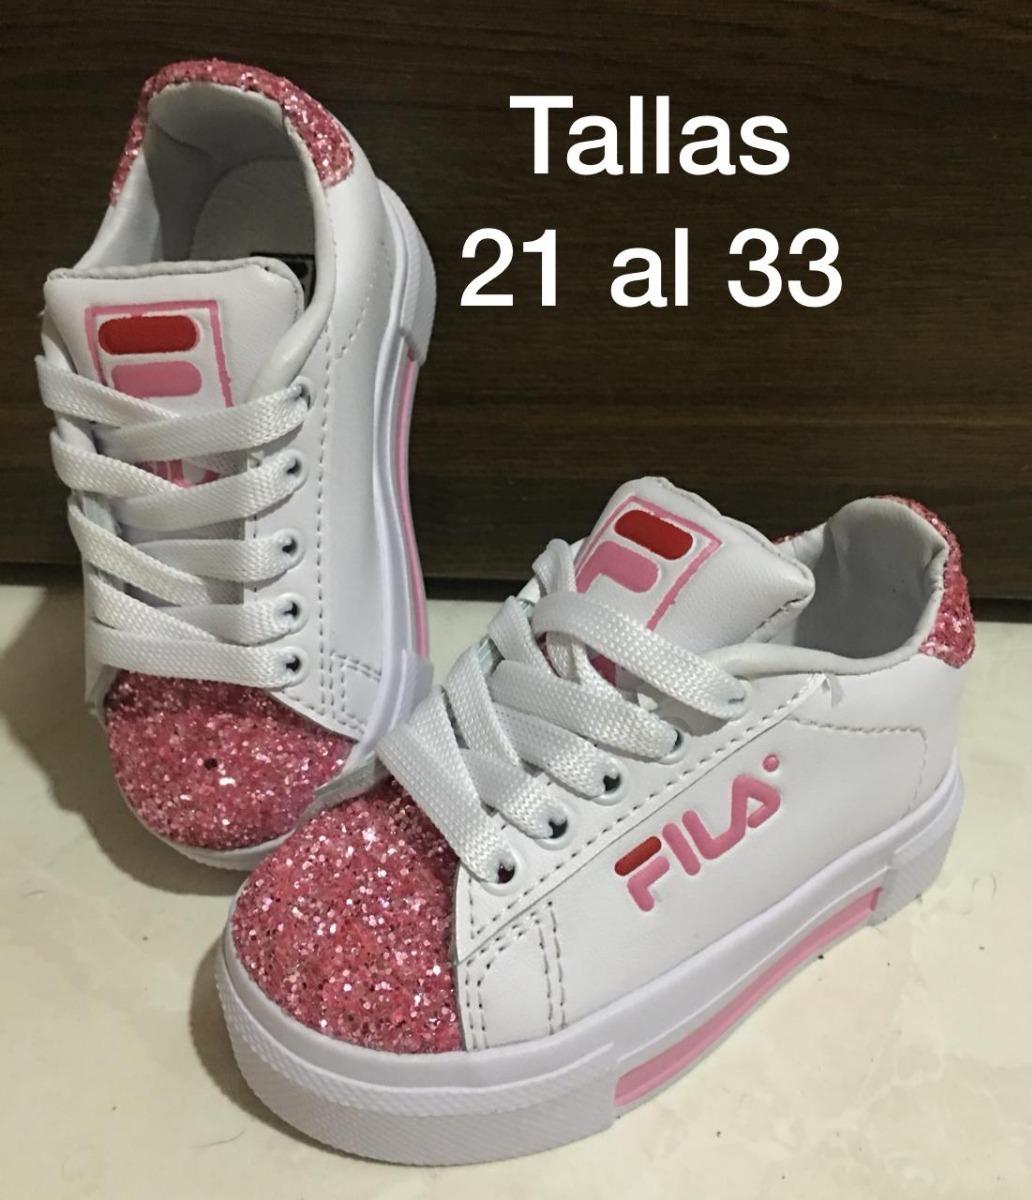 Zapatillas Para Niñas En Tallas 21 Al 33 -   89.900 en Mercado Libre 279b14df97287